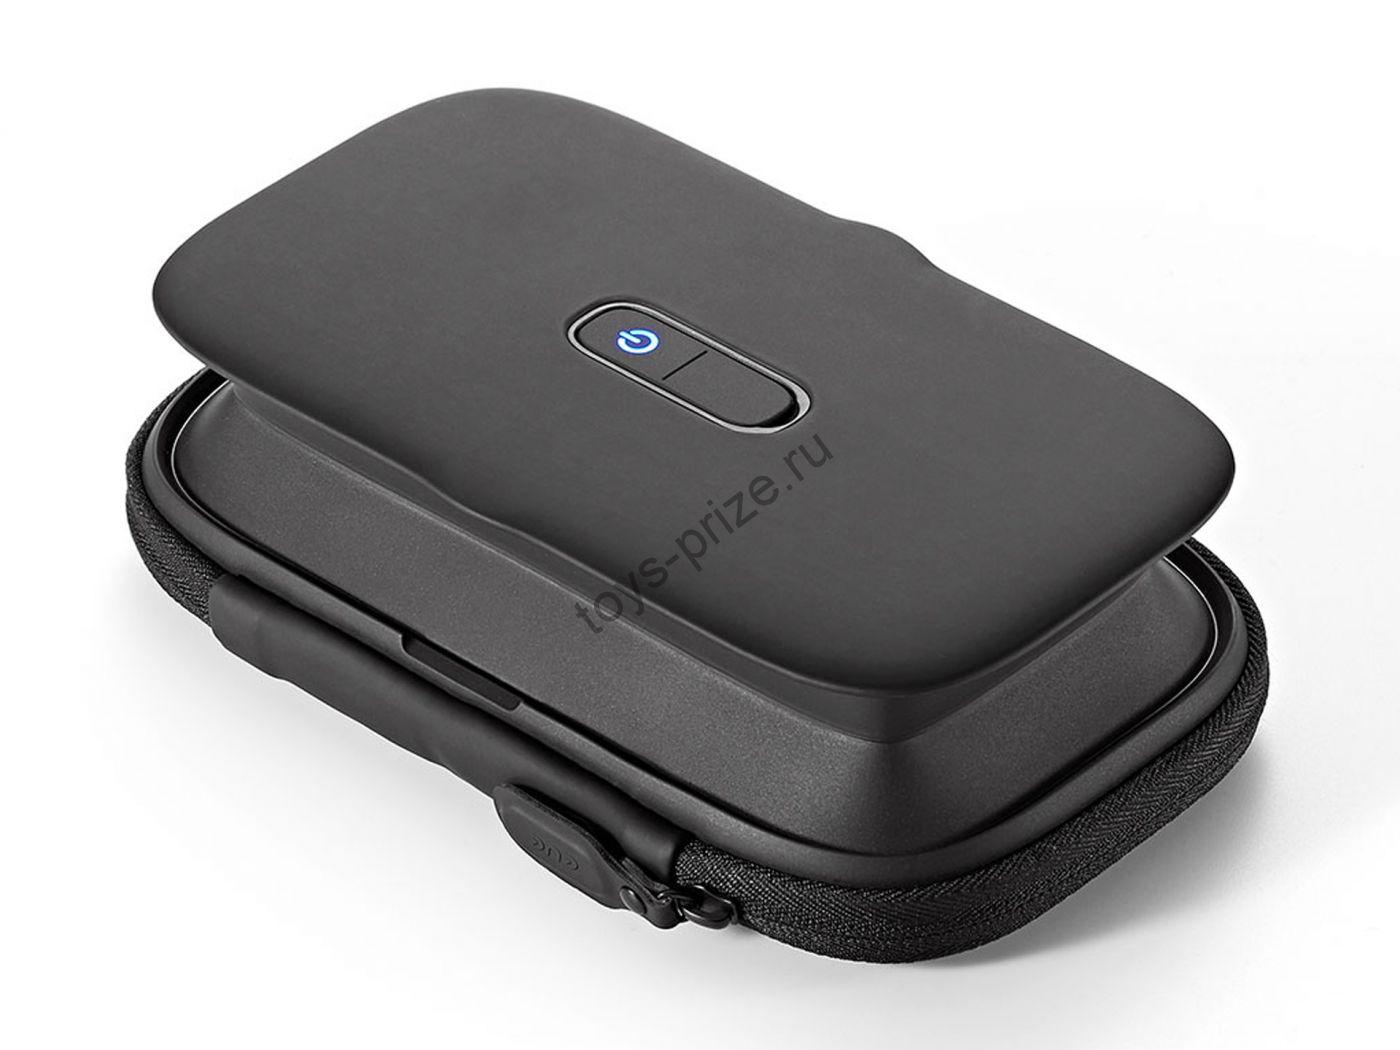 Портативный дезинфектор для смартфонов и других гаджетов Xiaomi EUE